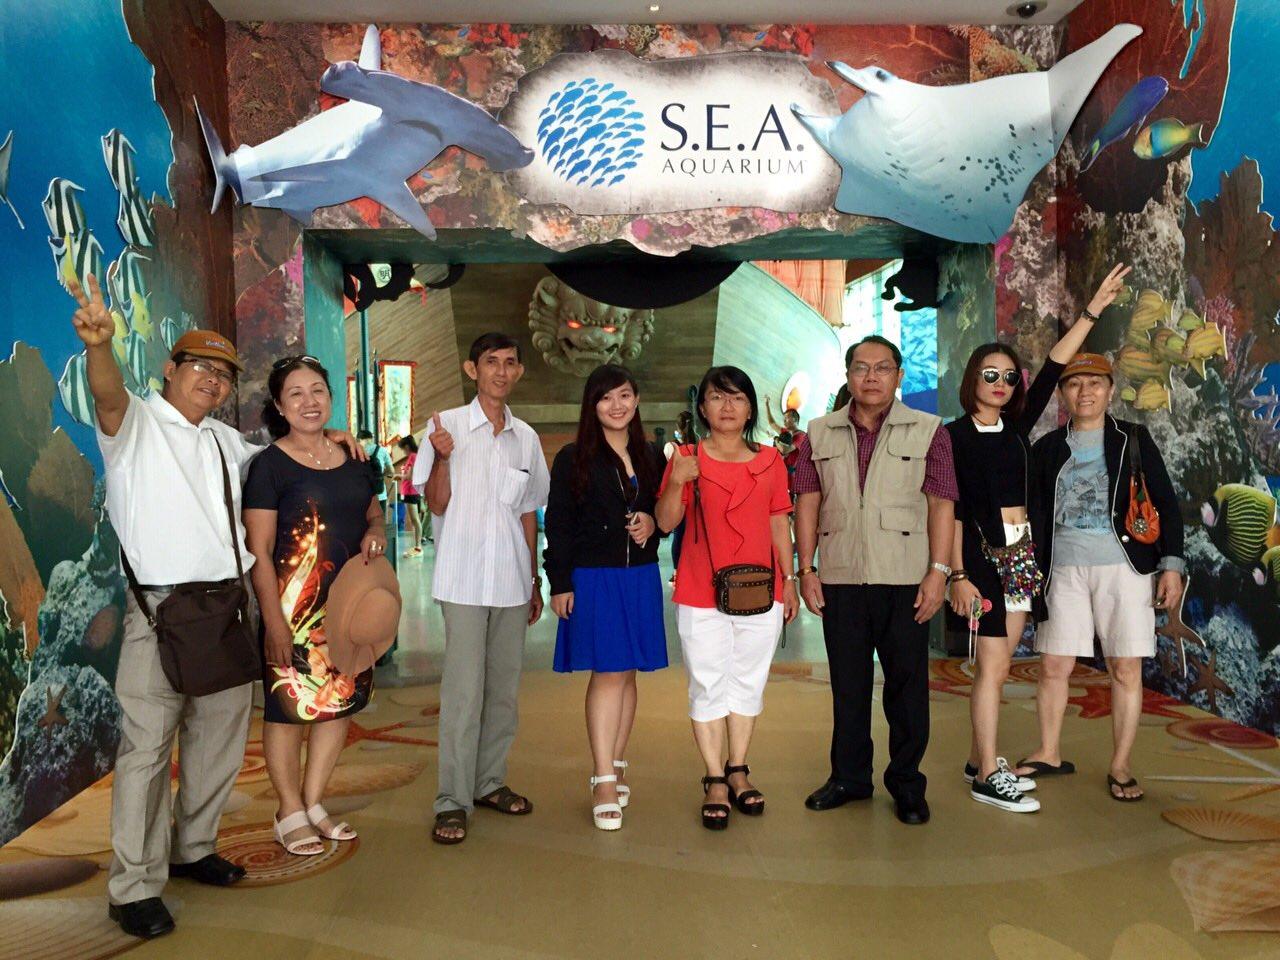 Thủy cung lớn nhất thế giới - S.E.A Aquarium Singapore